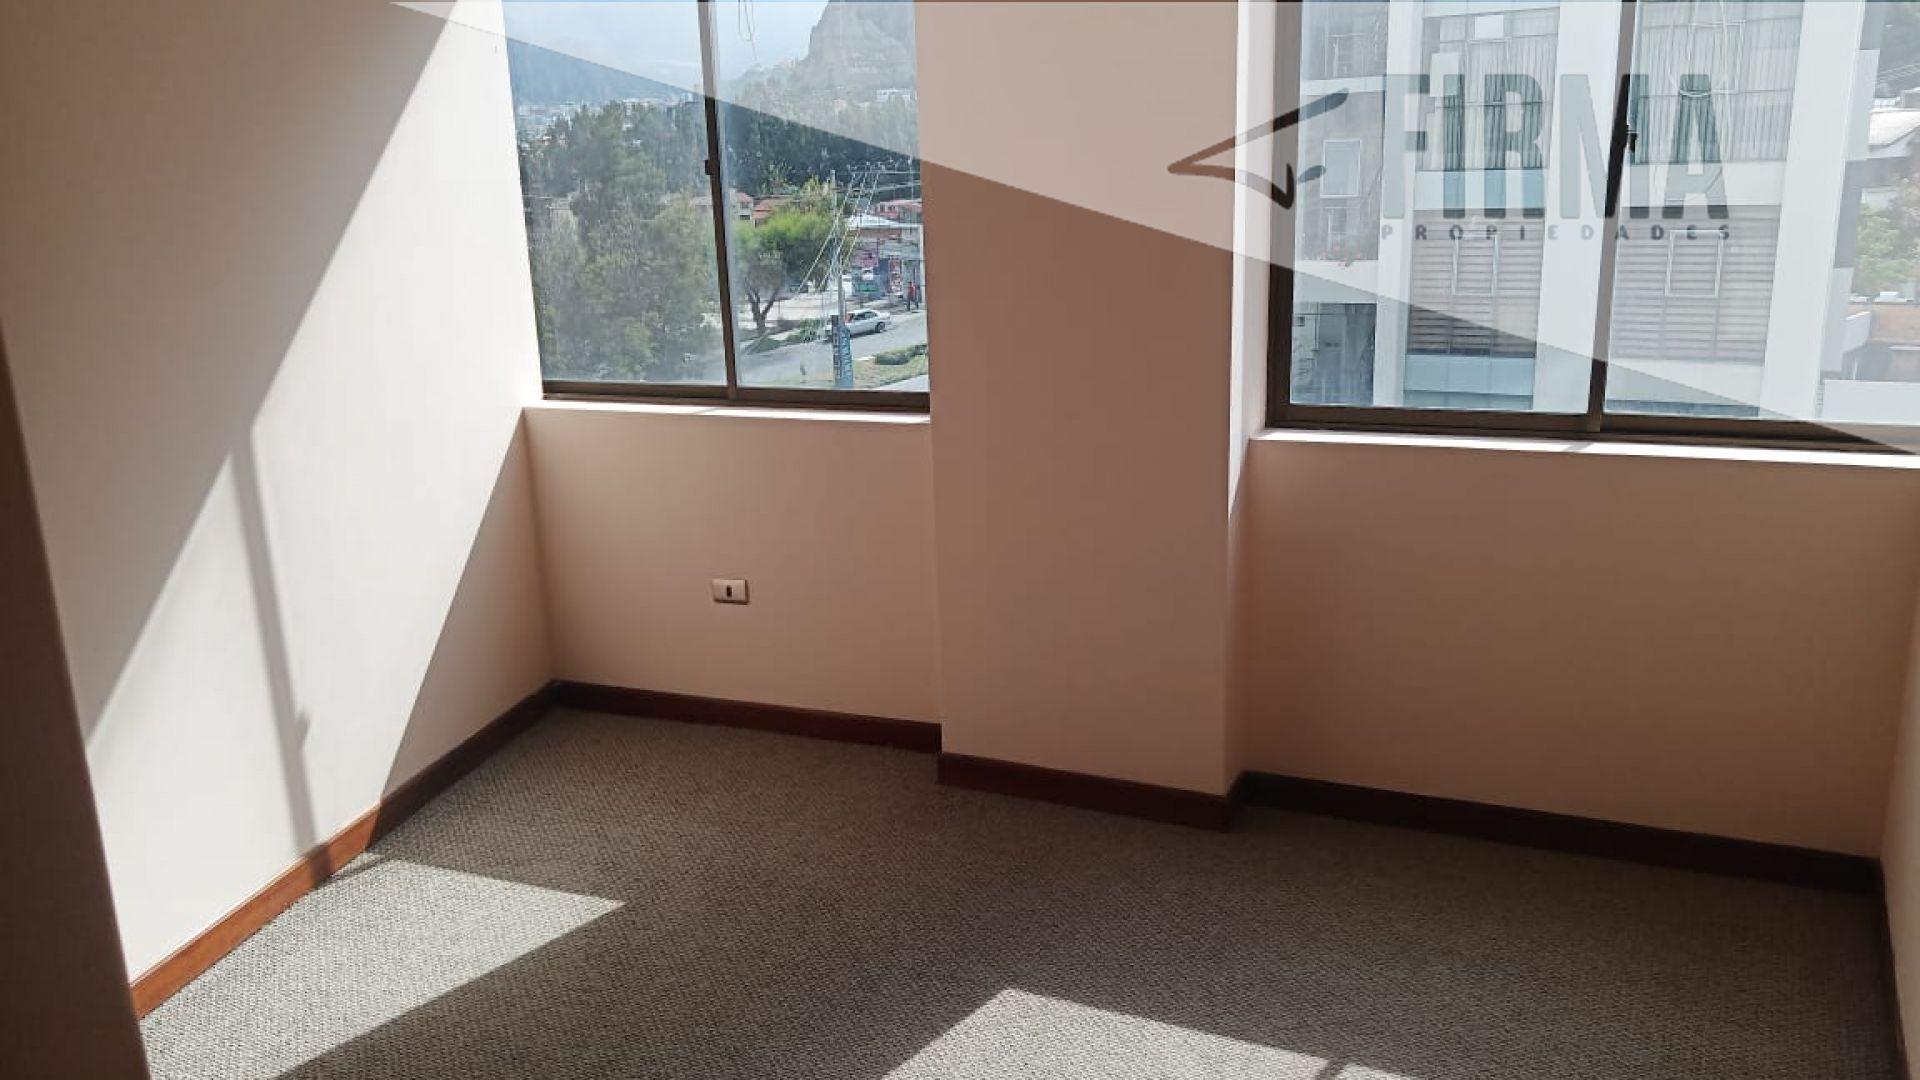 Departamento en Alquiler ALQUILA ESTE DEPARTAMENTO EN CALACOTO Foto 3